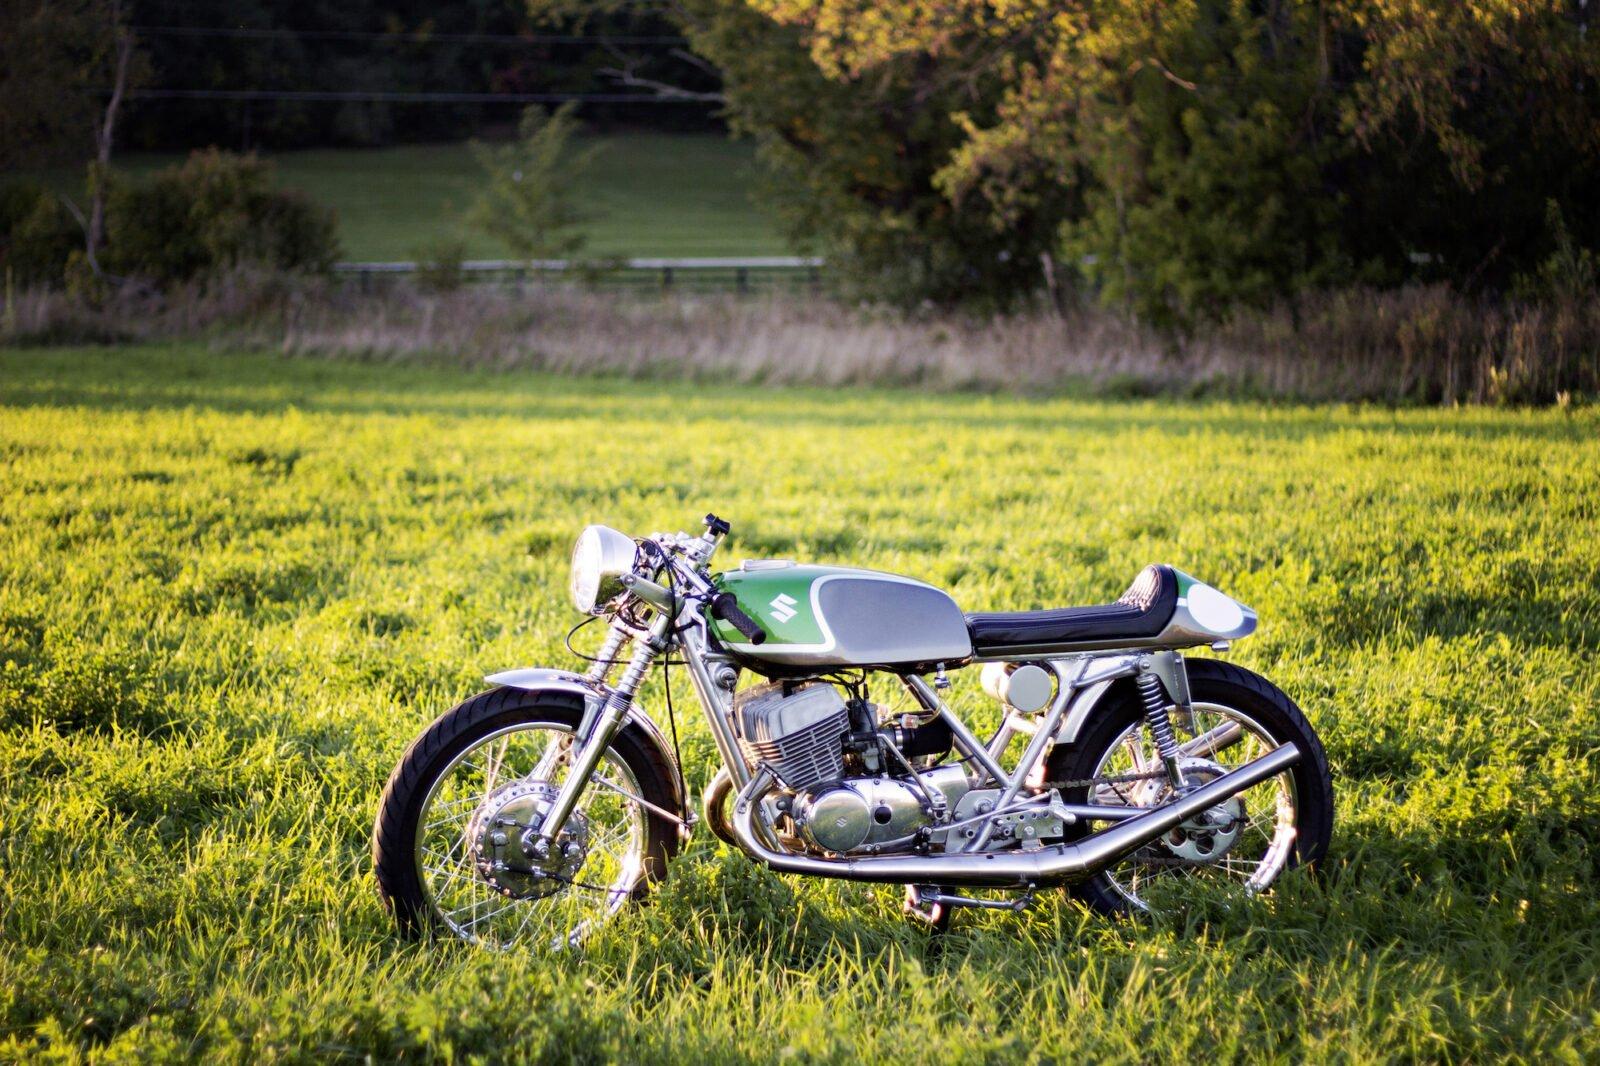 Suzuki T500 5 1600x1066 - 1975 Suzuki T500